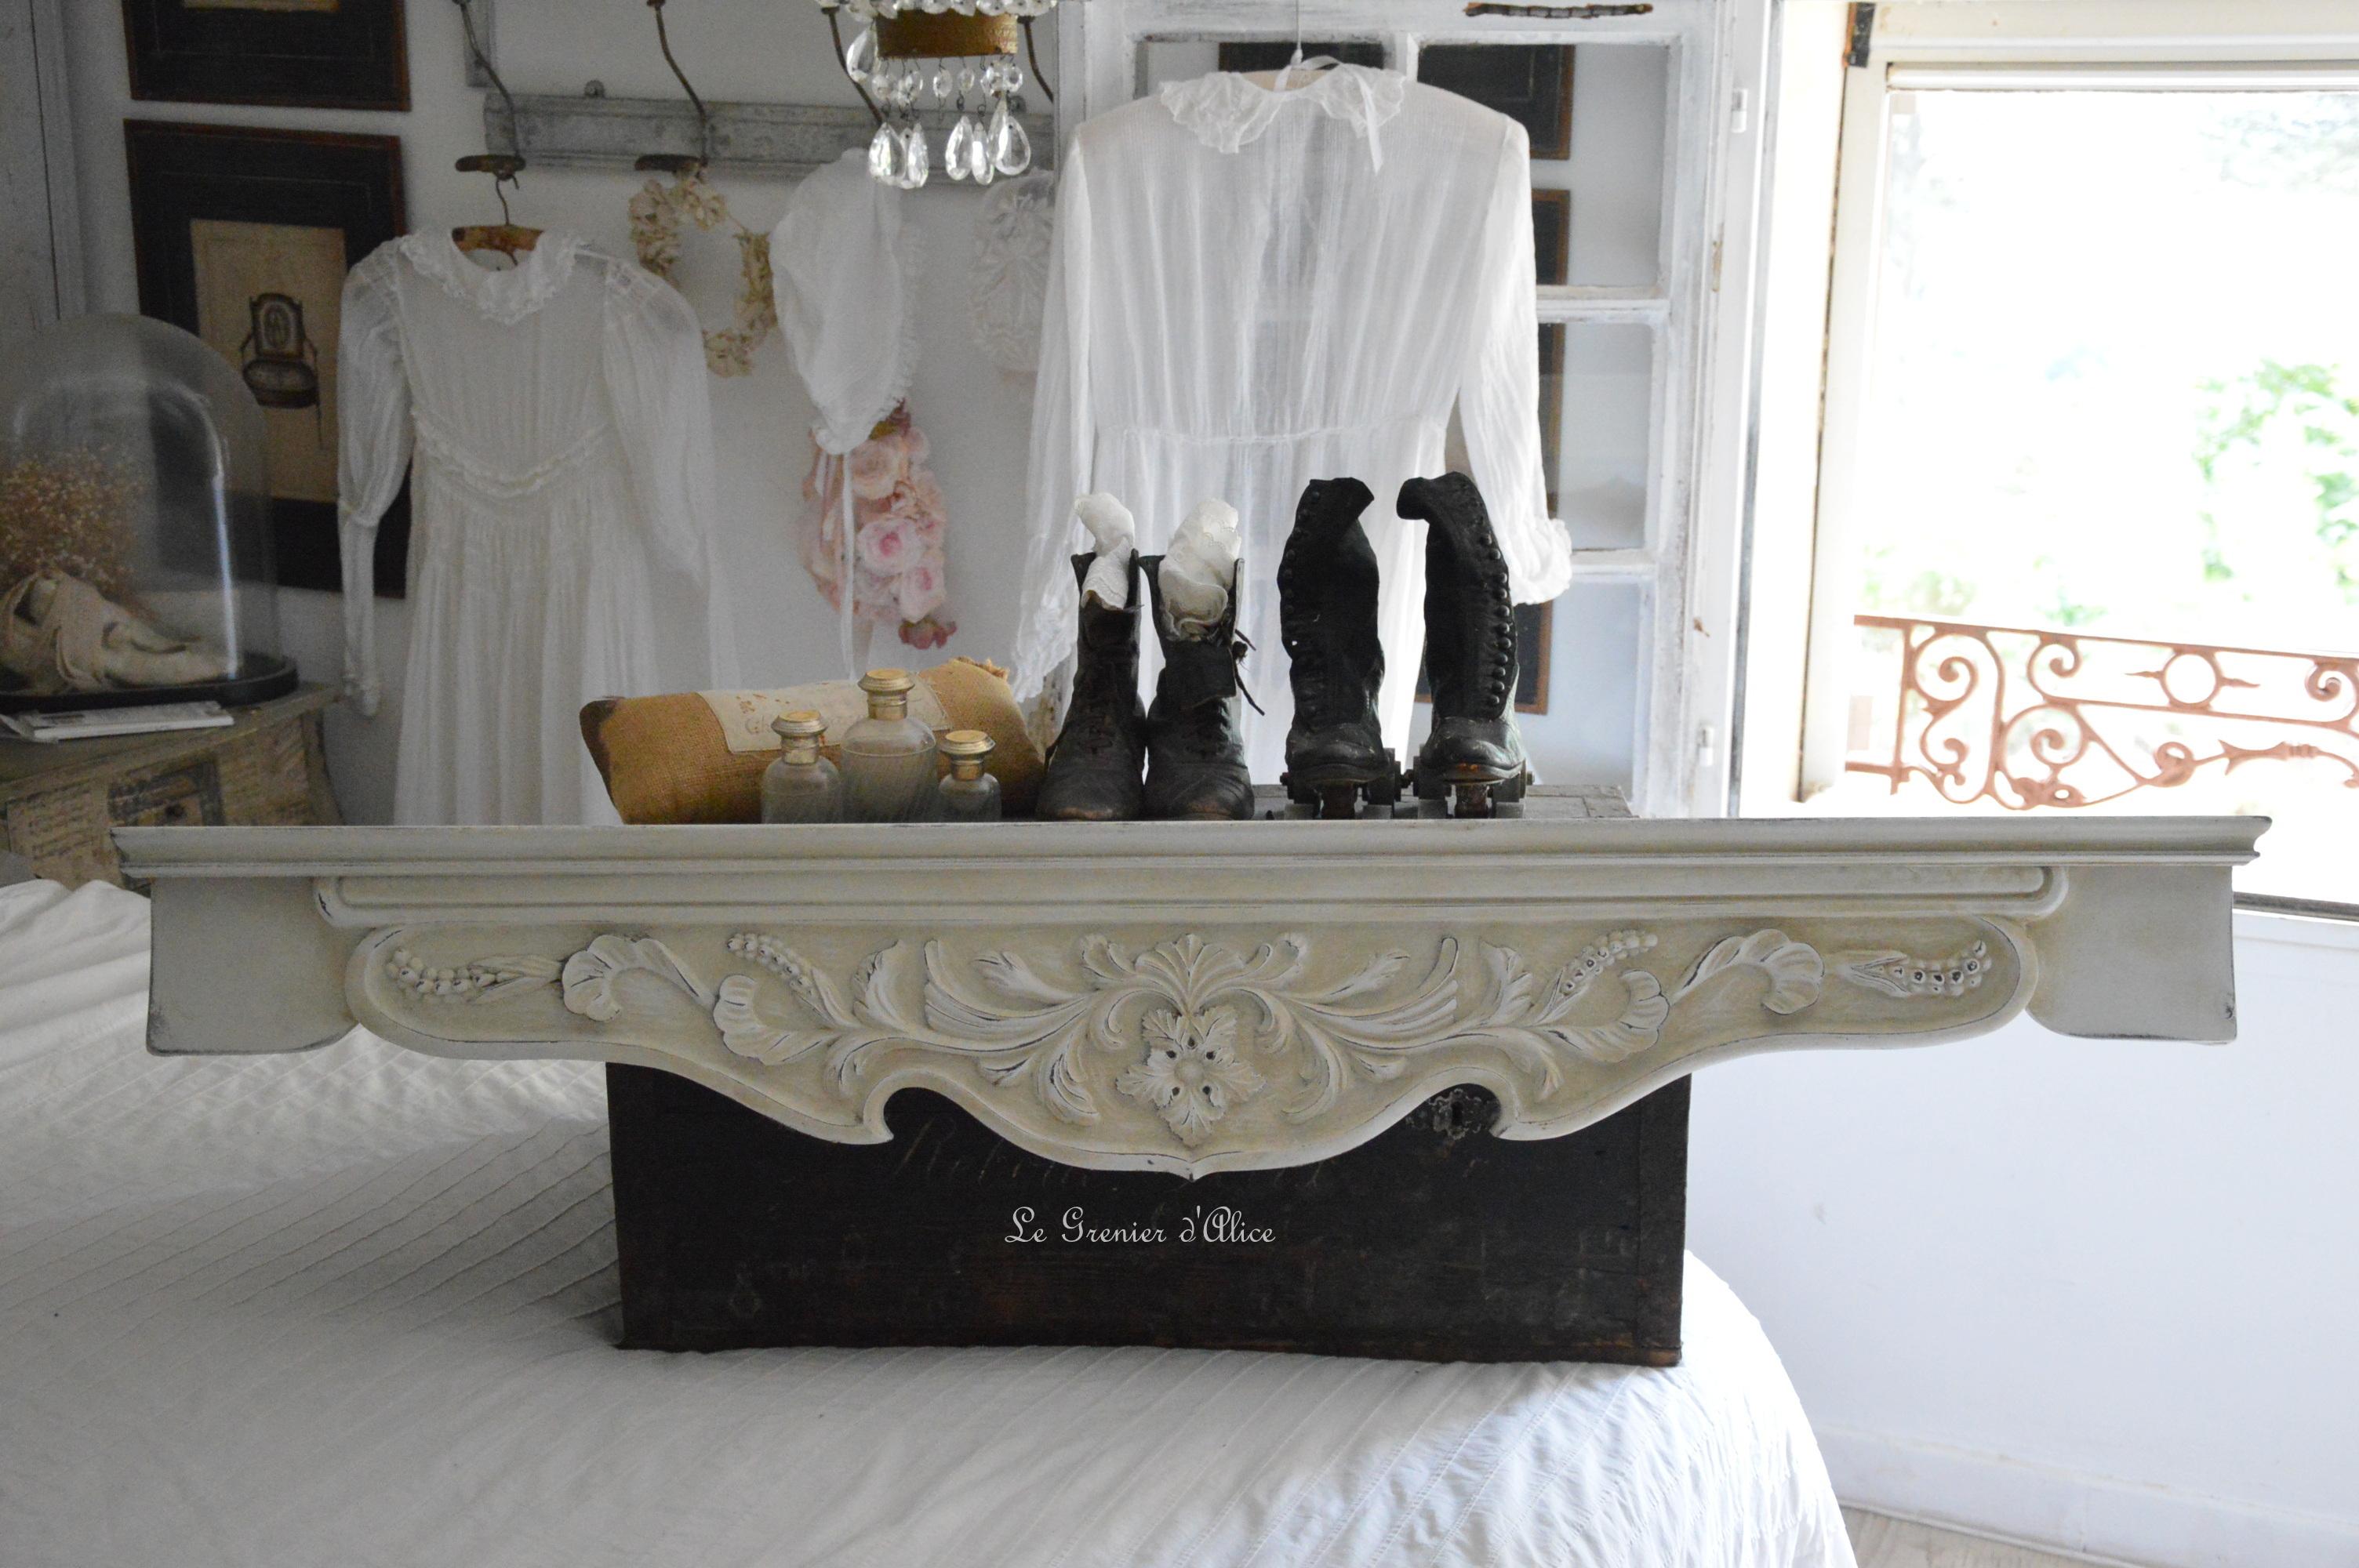 Cantonnière ciel de lit étagère shabby chic romantique création le grenier dalice 1